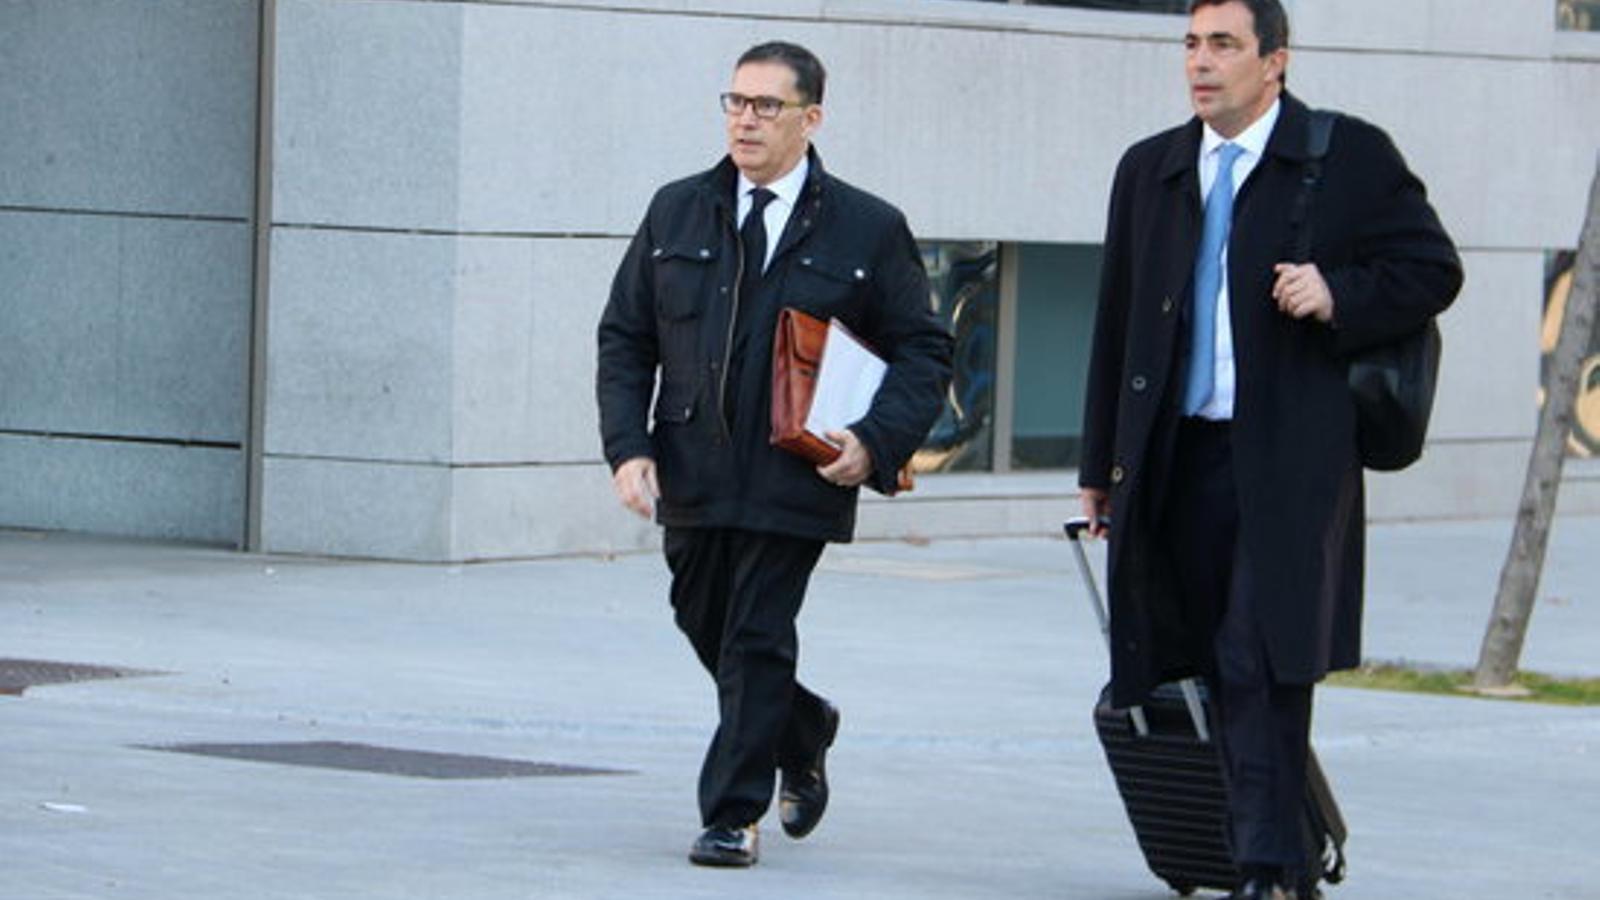 L'exdirector general dels Mossos Pere Soler i l'advocat Jaume Alonso-Cuevillas, arribant a l'Audiència Nacional / TANIA TAPIA / ACN